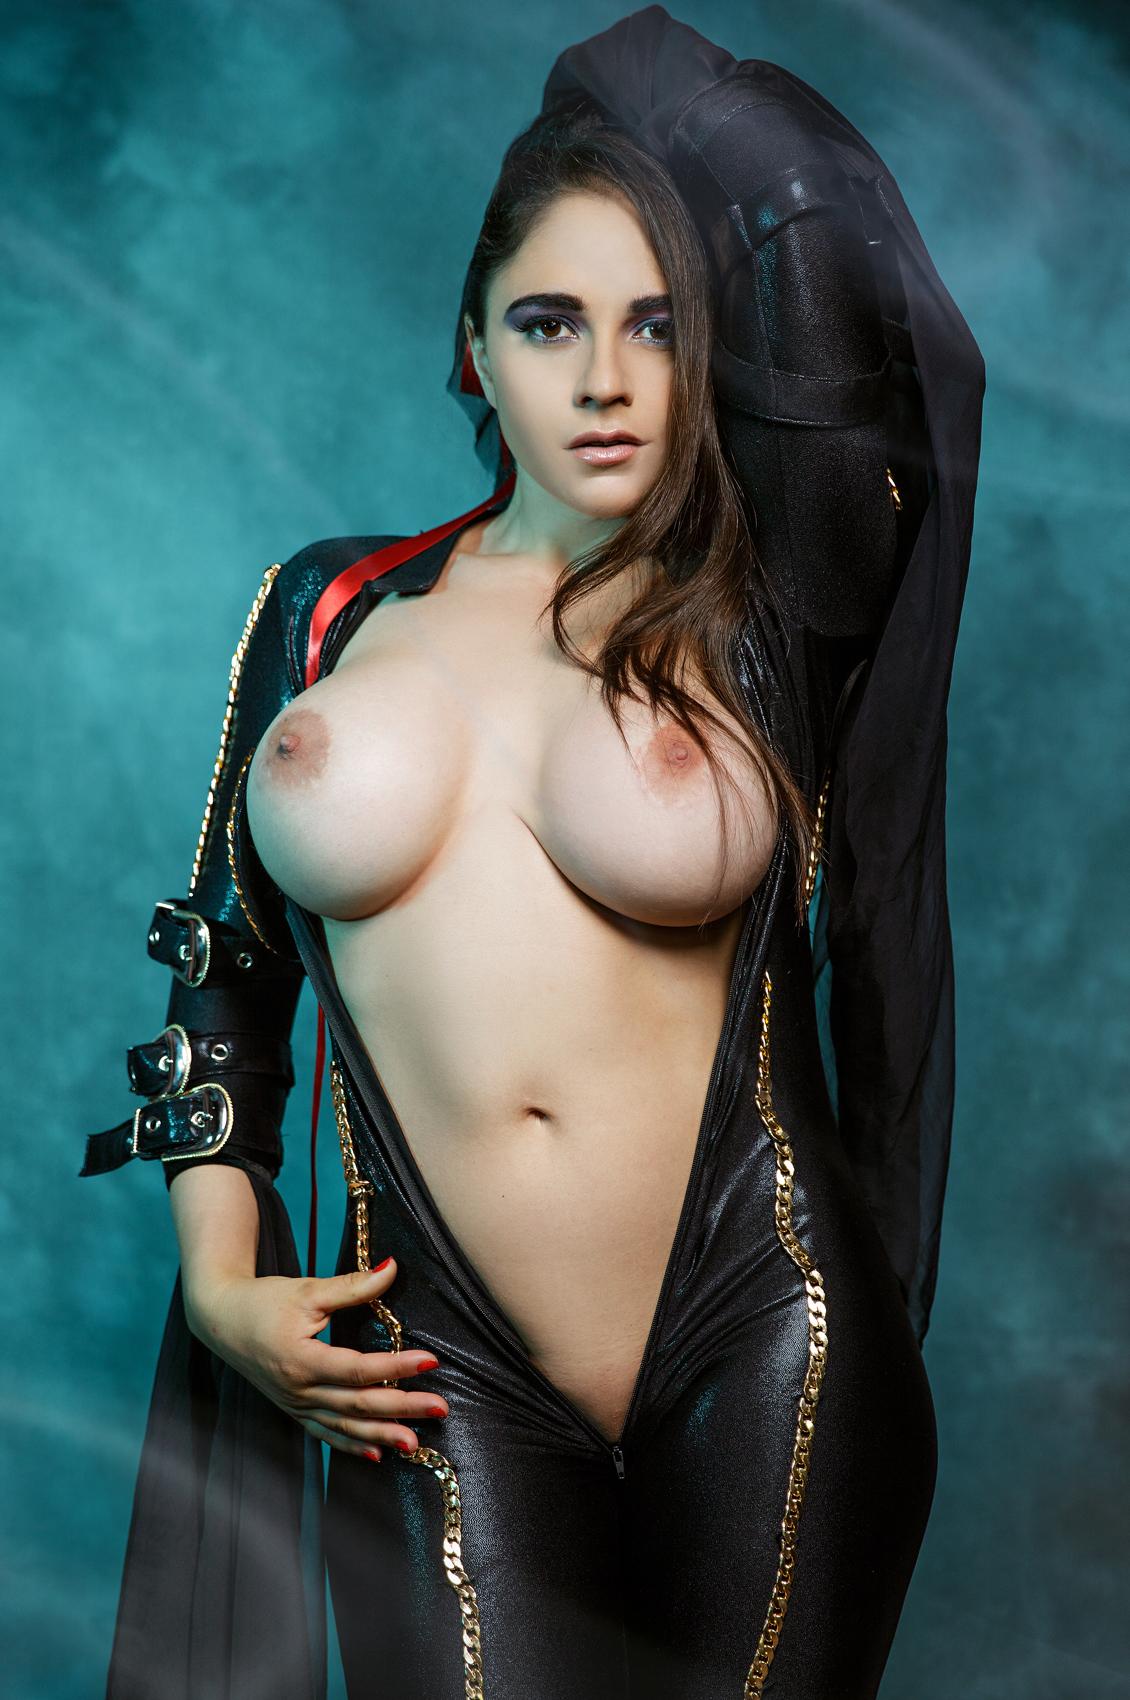 Picture of Marta LaCroft